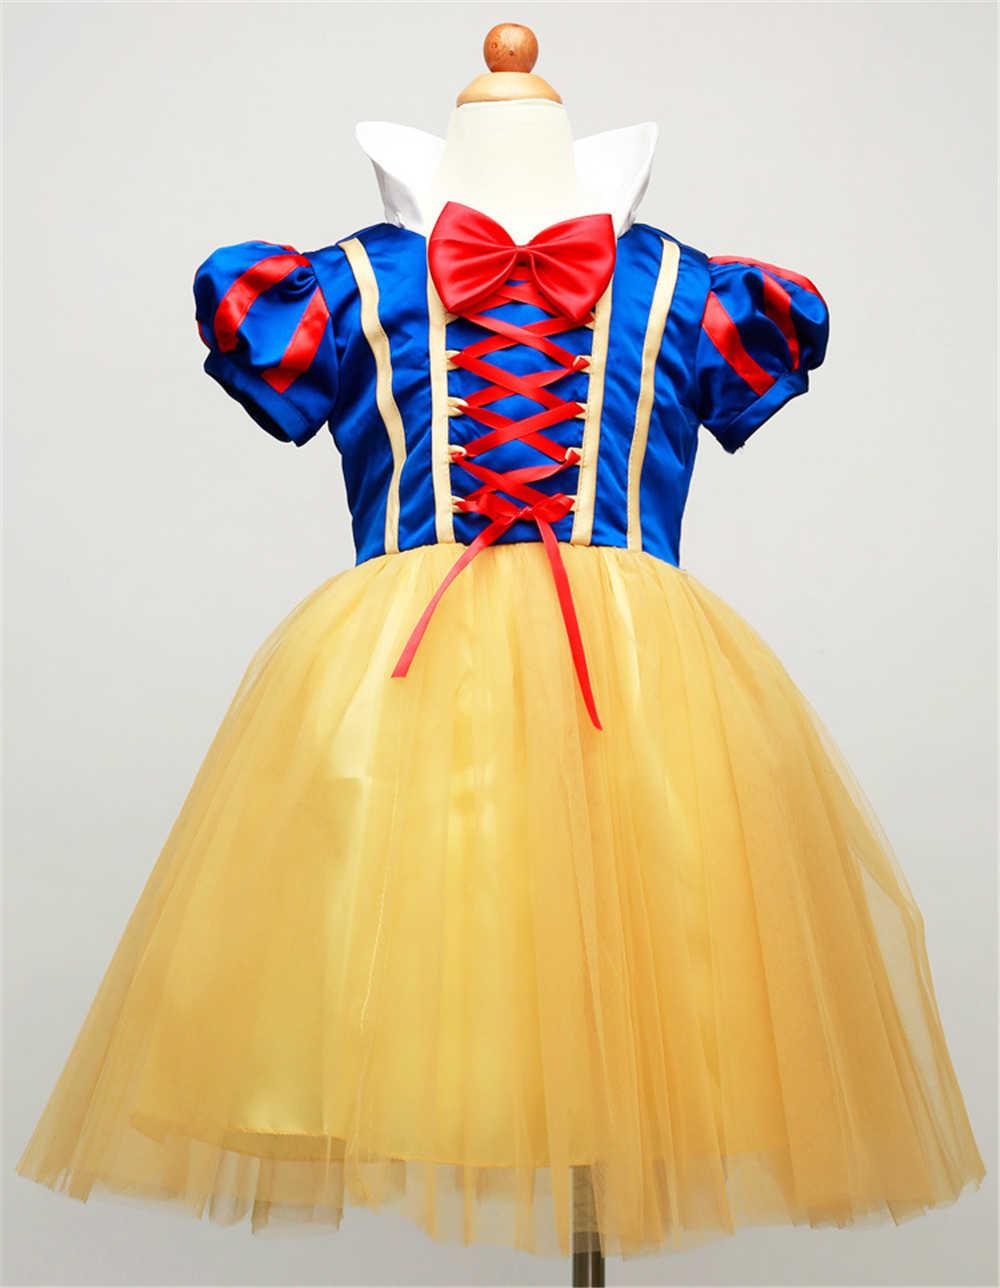 2-14 Anni Fantasia Ragazze Neve Abiti Bianchi per I Bambini Si Travestono Abbigliamento Pretty Girl Bambini Tulle Princesa Cosplay Dress